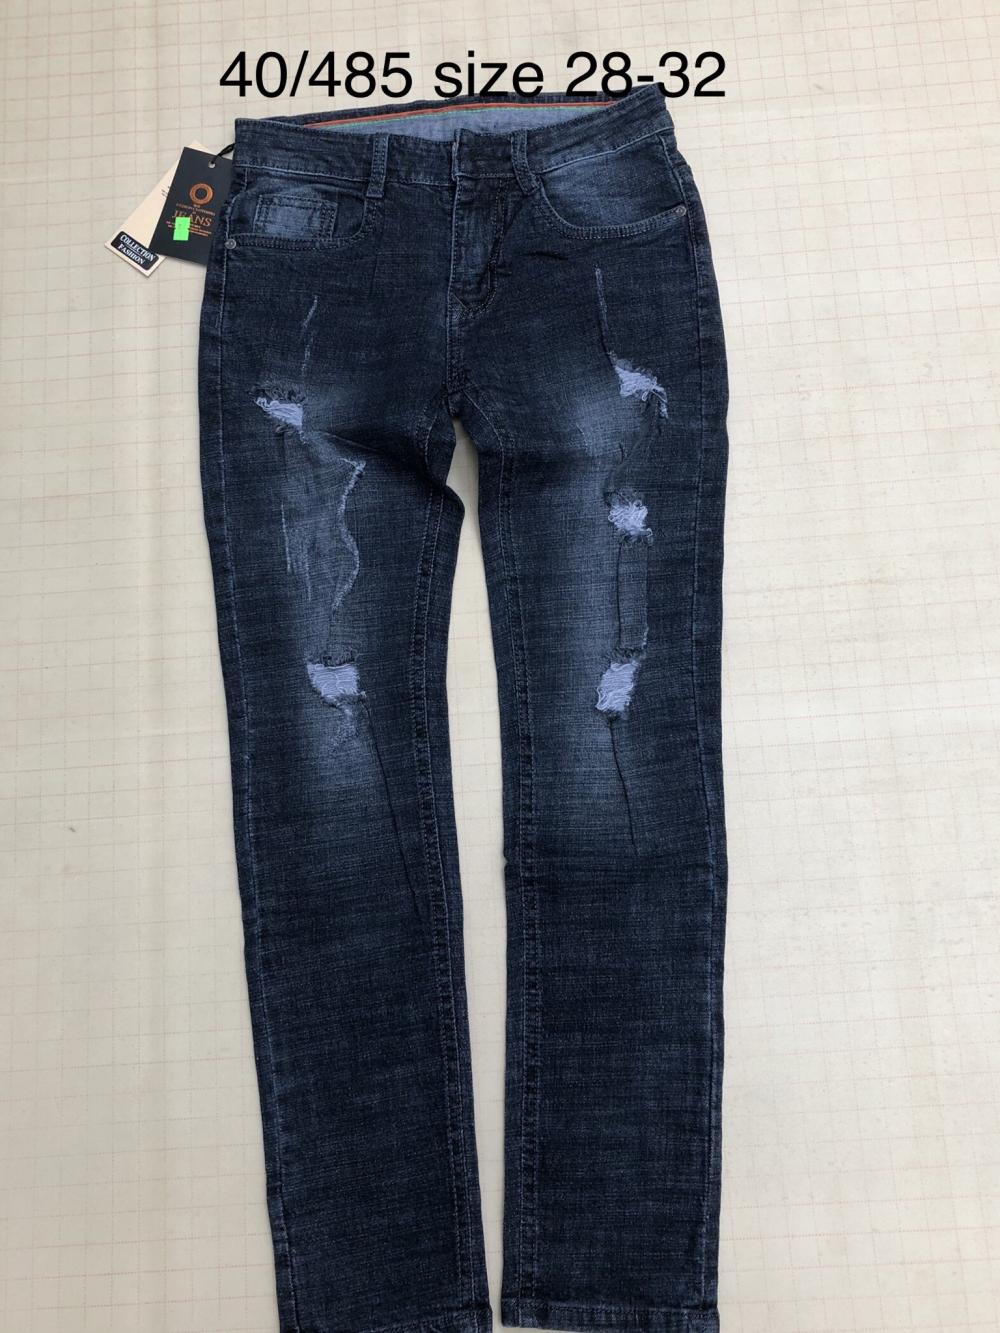 Quần jean nam dài 40485